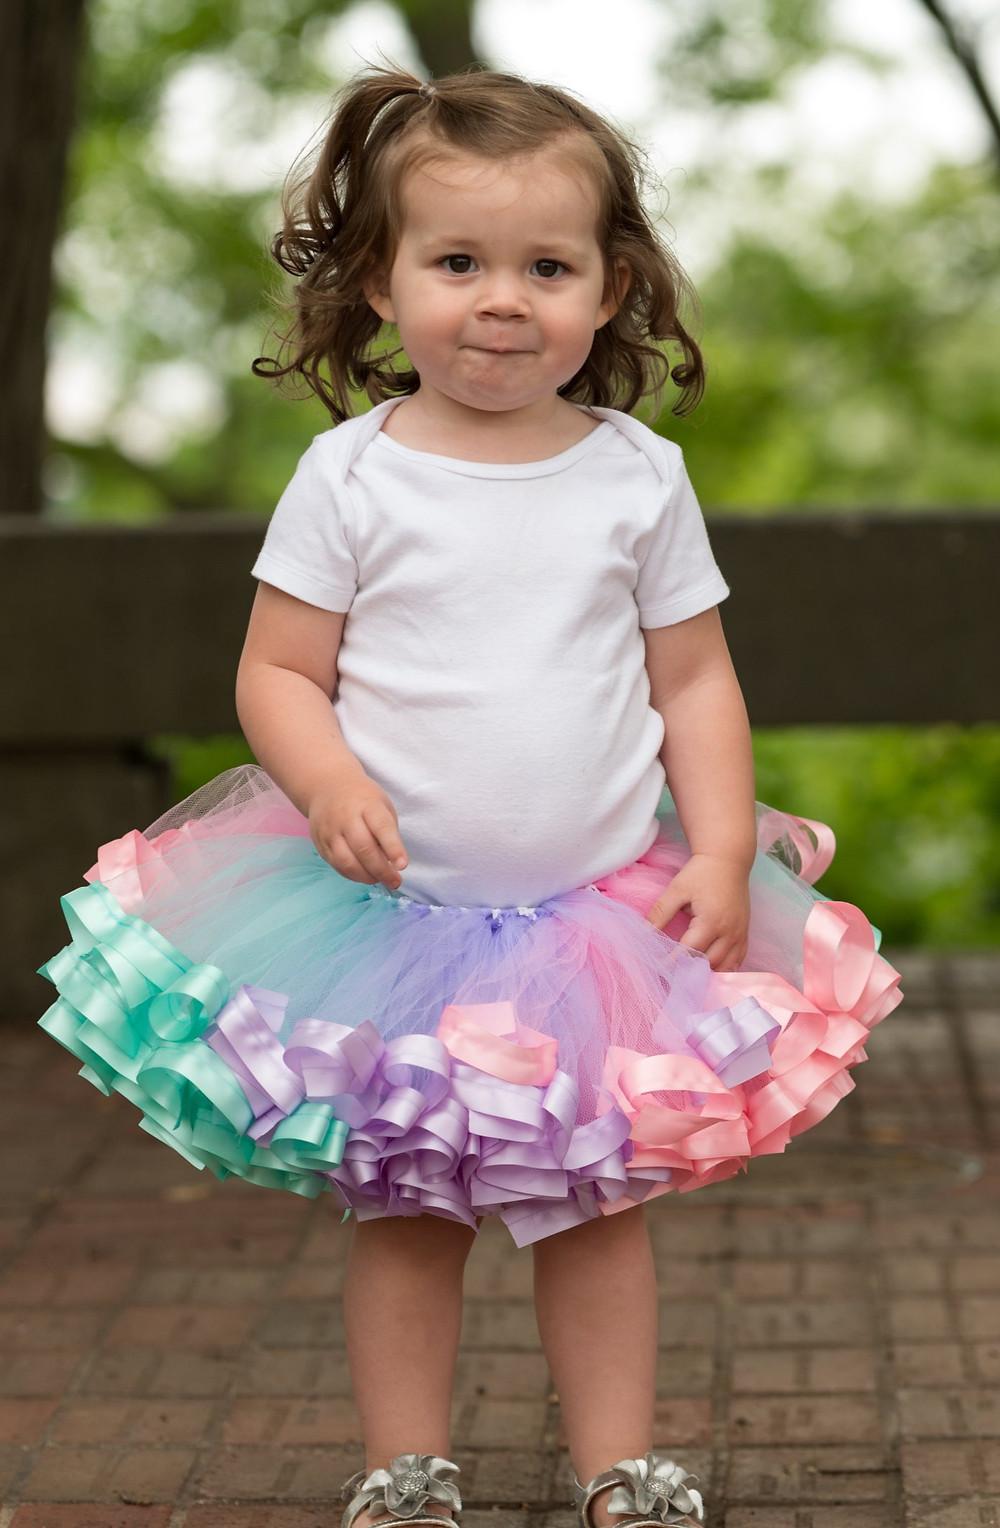 spring tutu skirt on baby girl